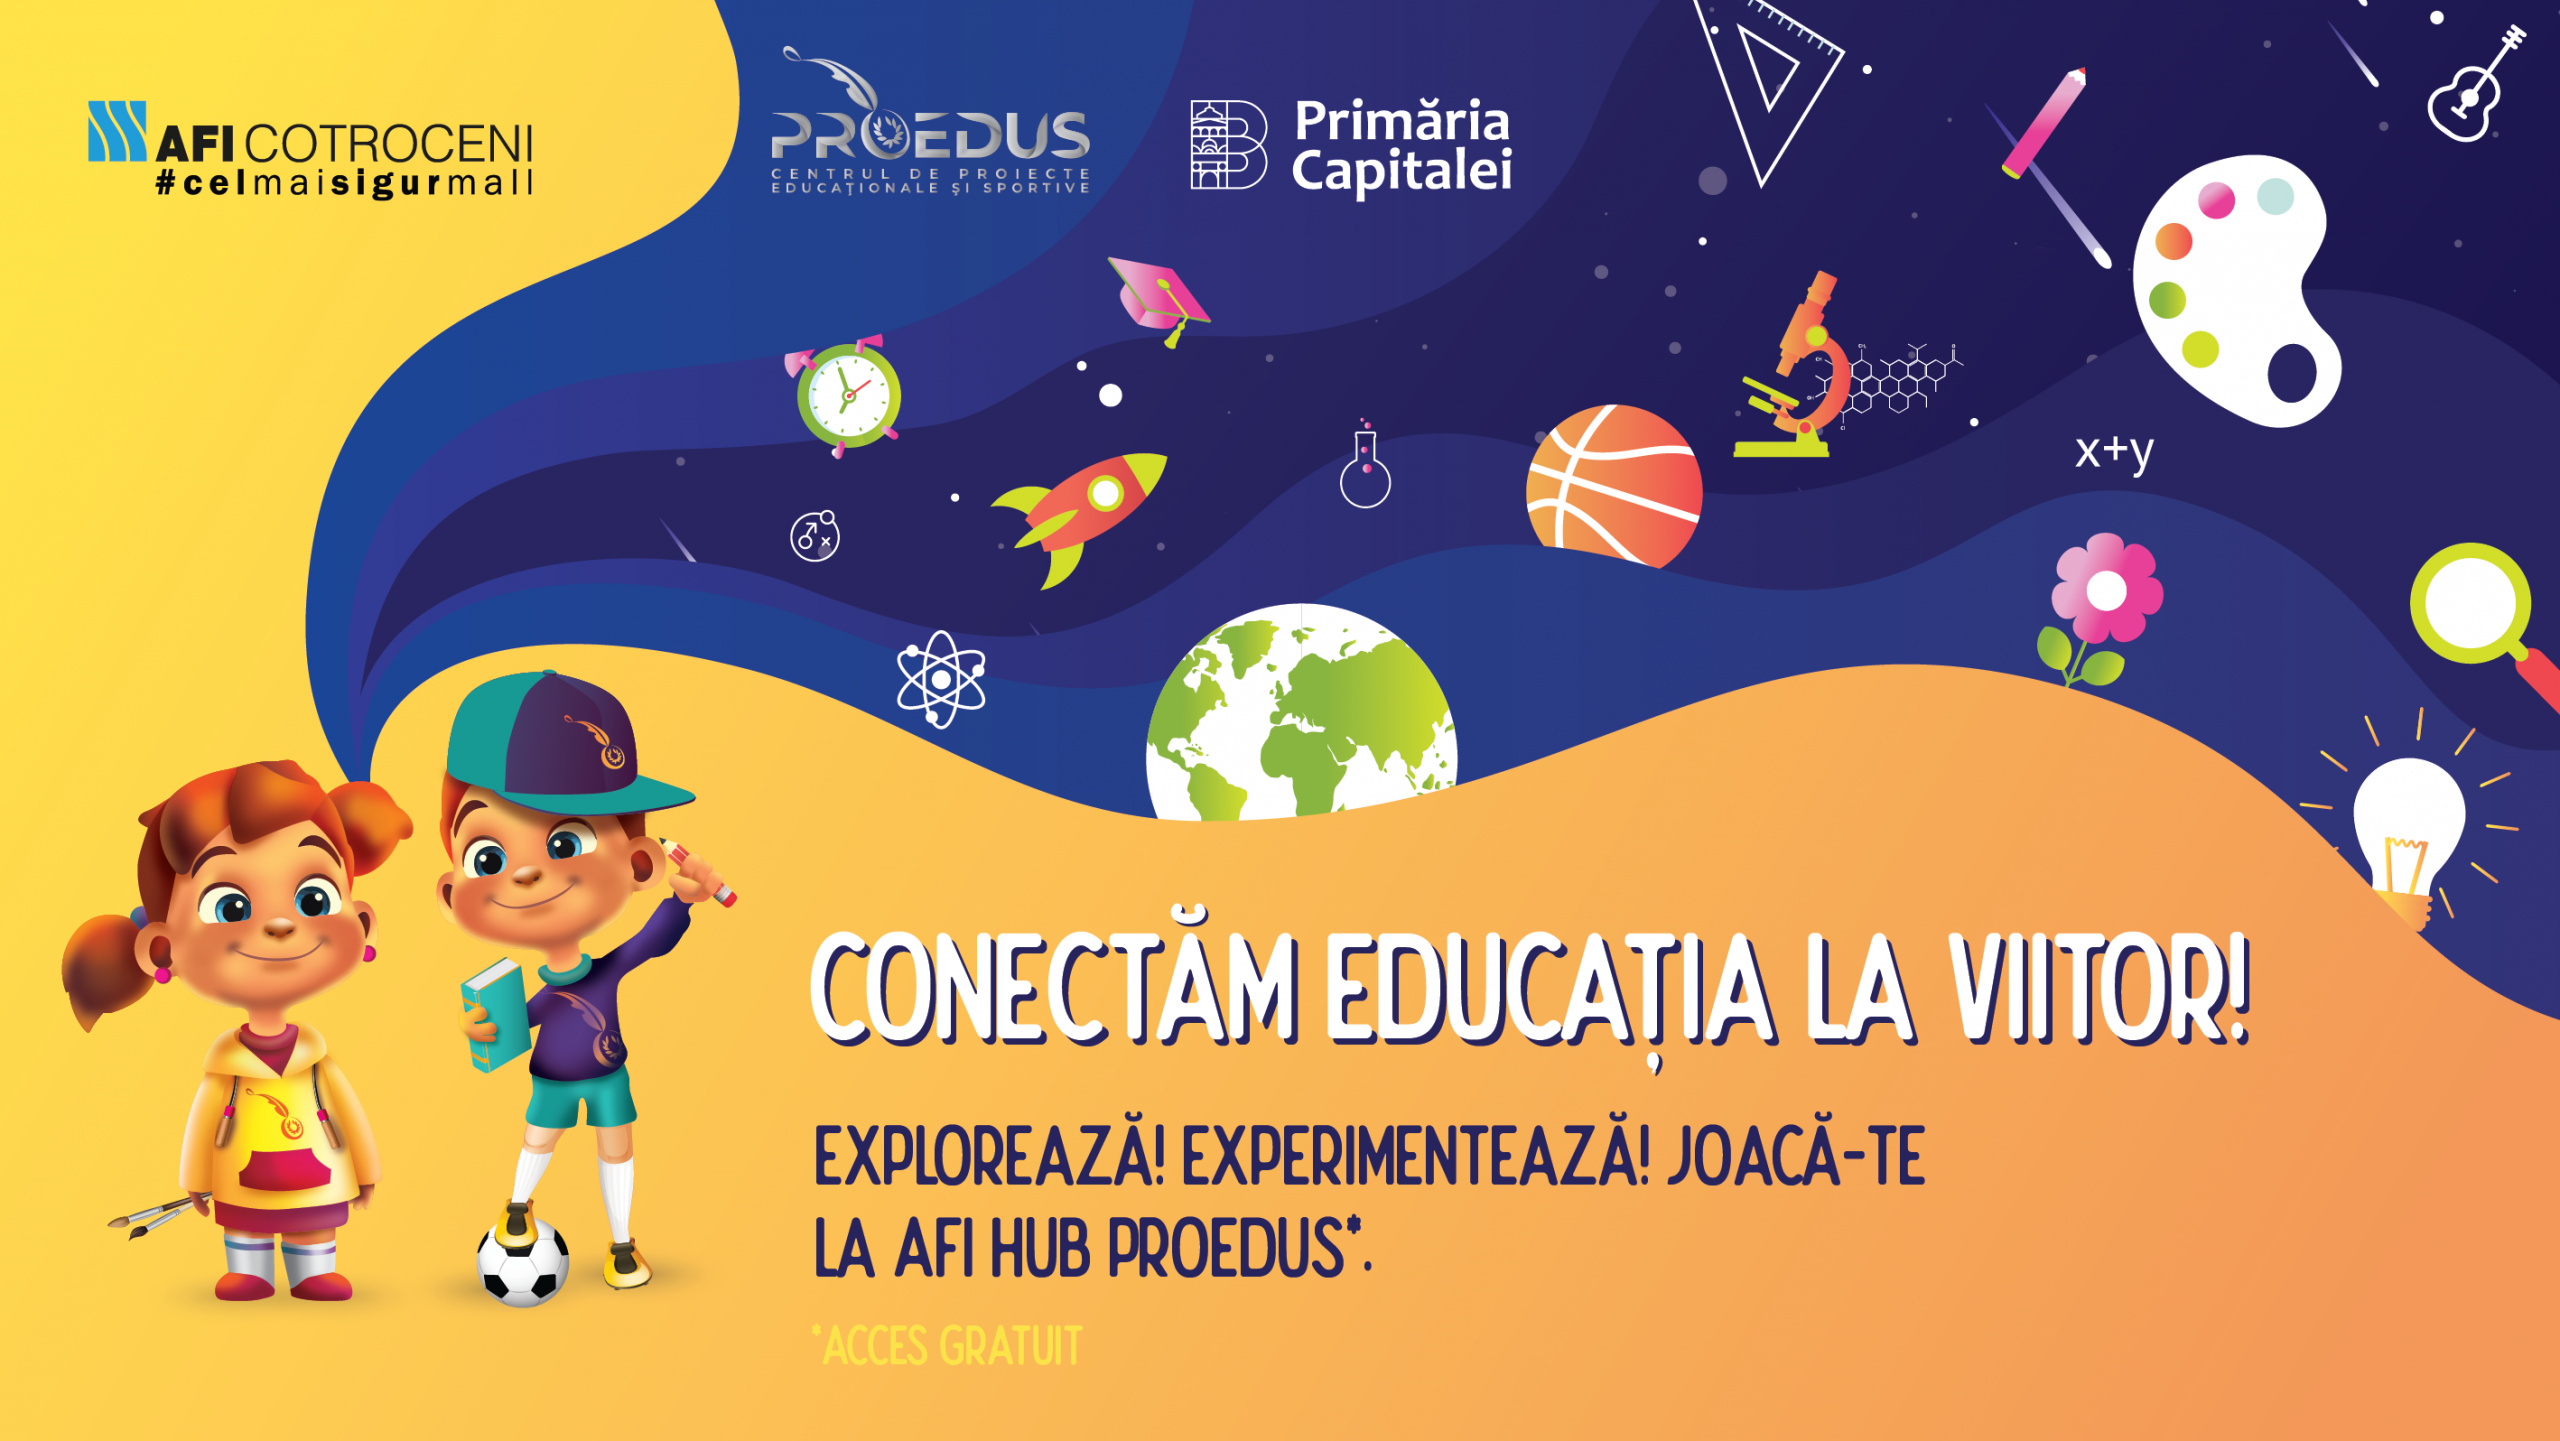 AFI HUB PROEDUS, proiectul pilot de educație pentru copii găzduit de AFI Cotroceni